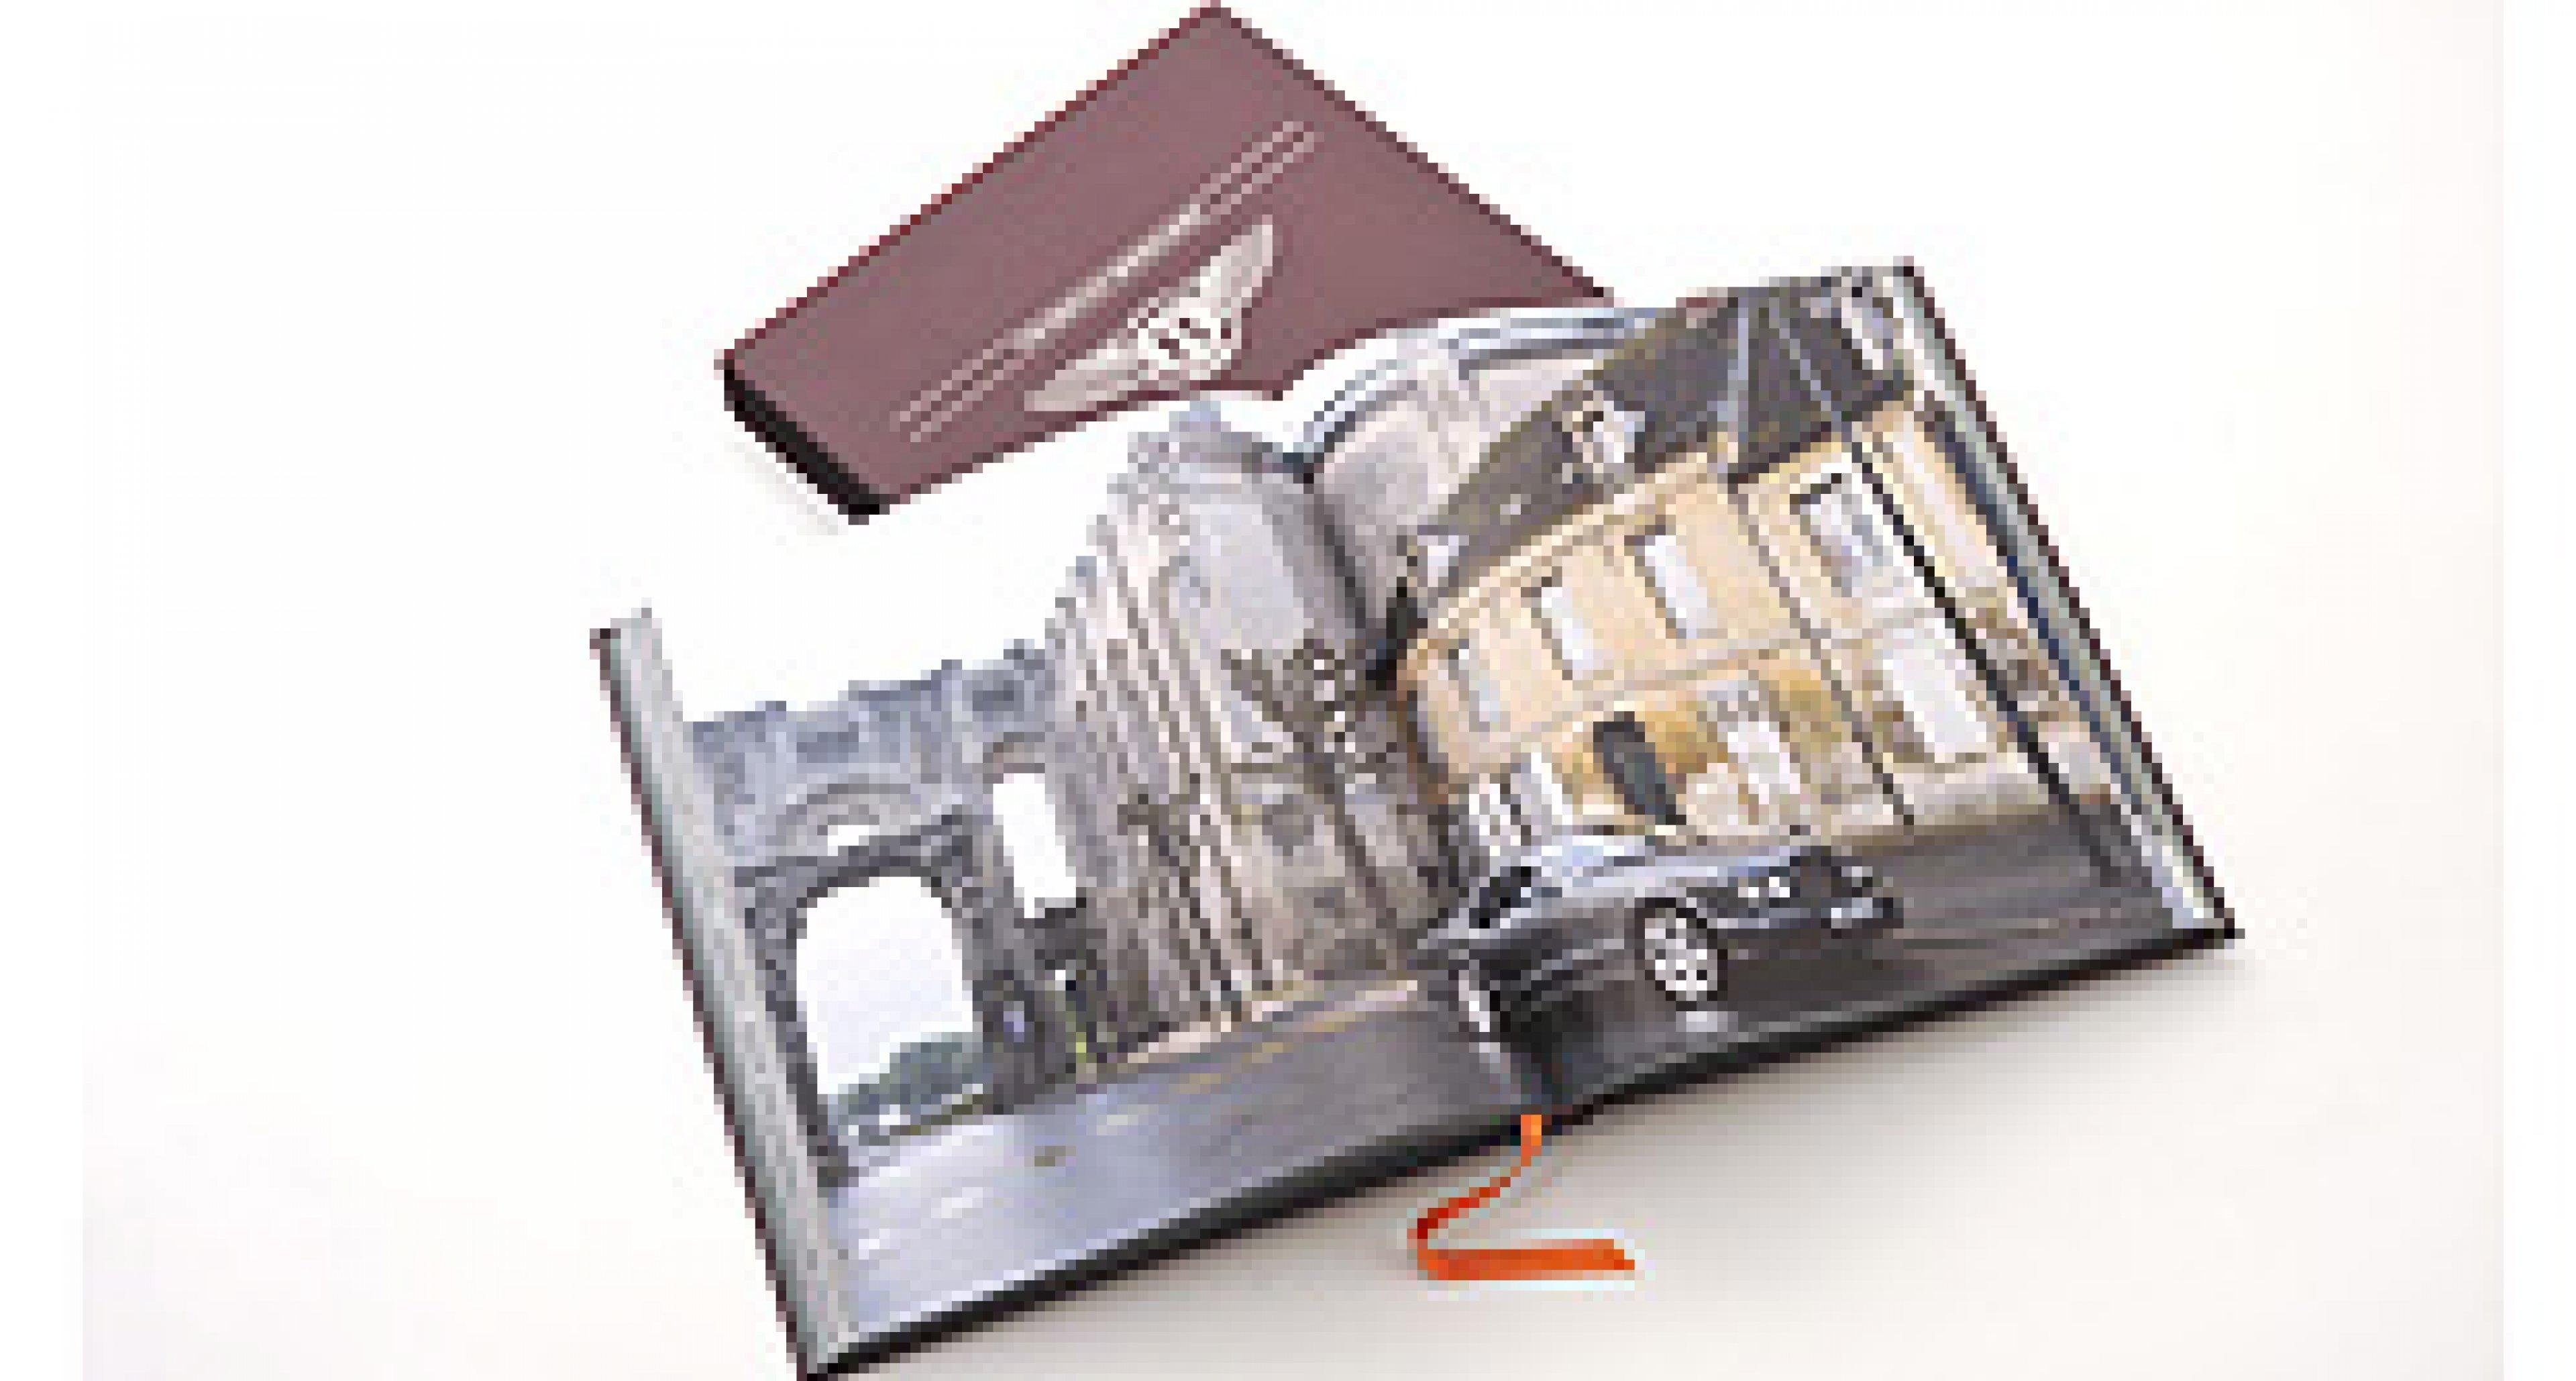 Automobilbücher zum Weihnachtsfest